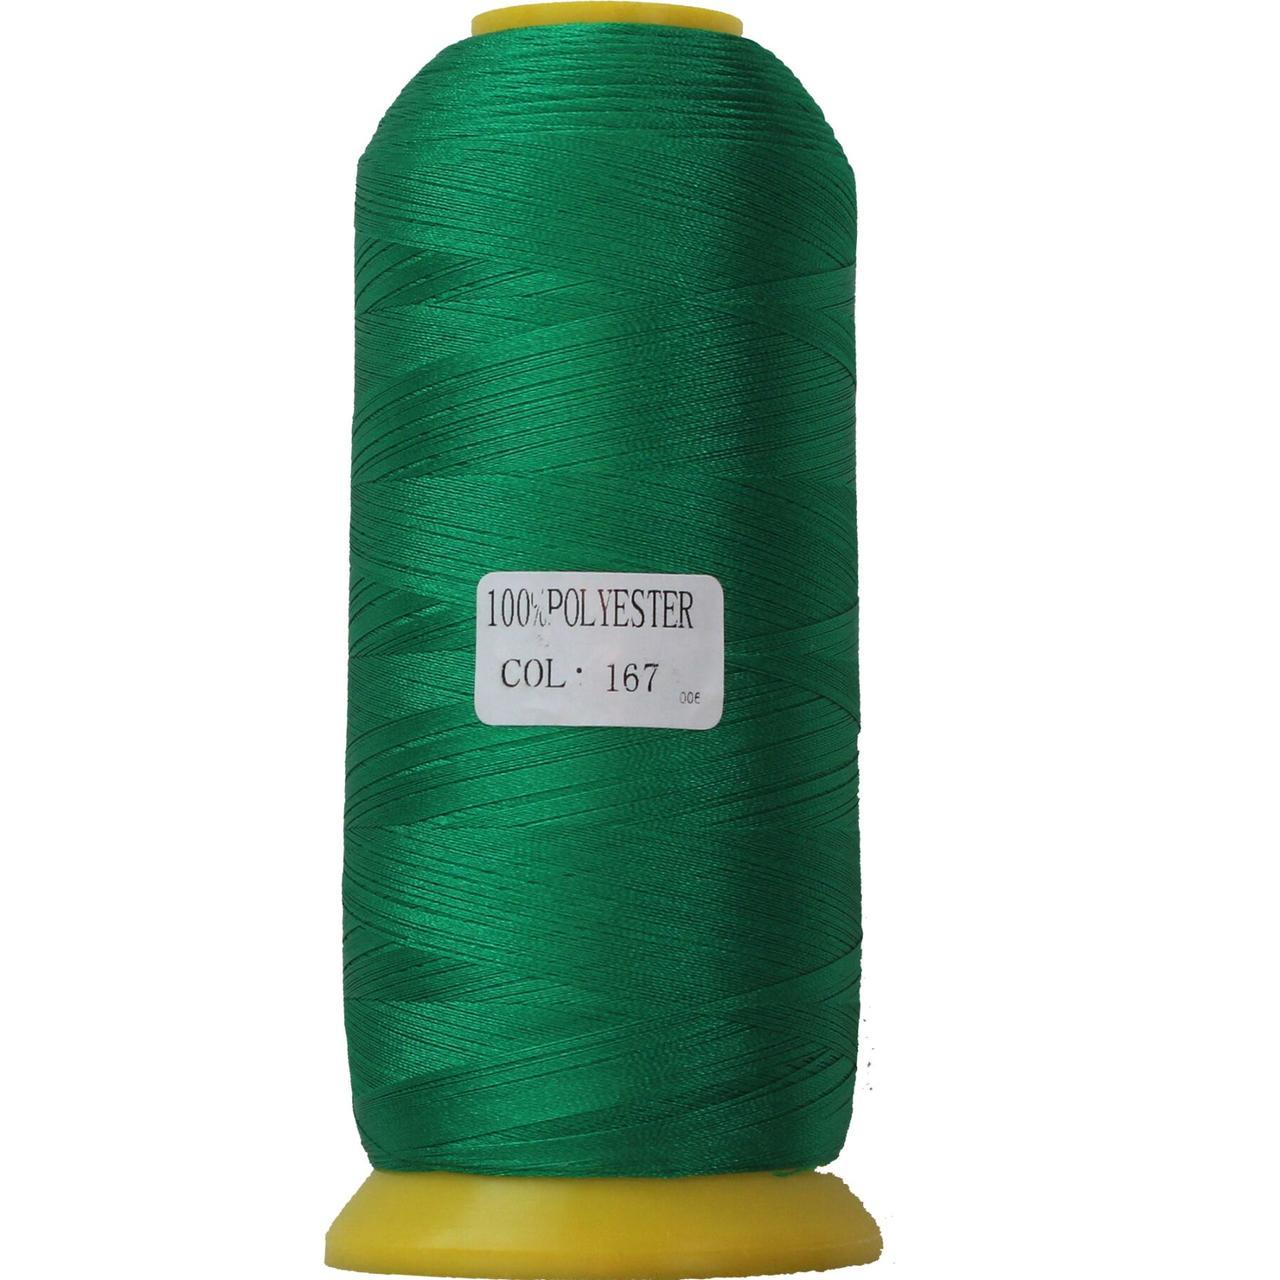 Нить полиэстер 40, 120D/2, цвет 167, Козачок-ТМ